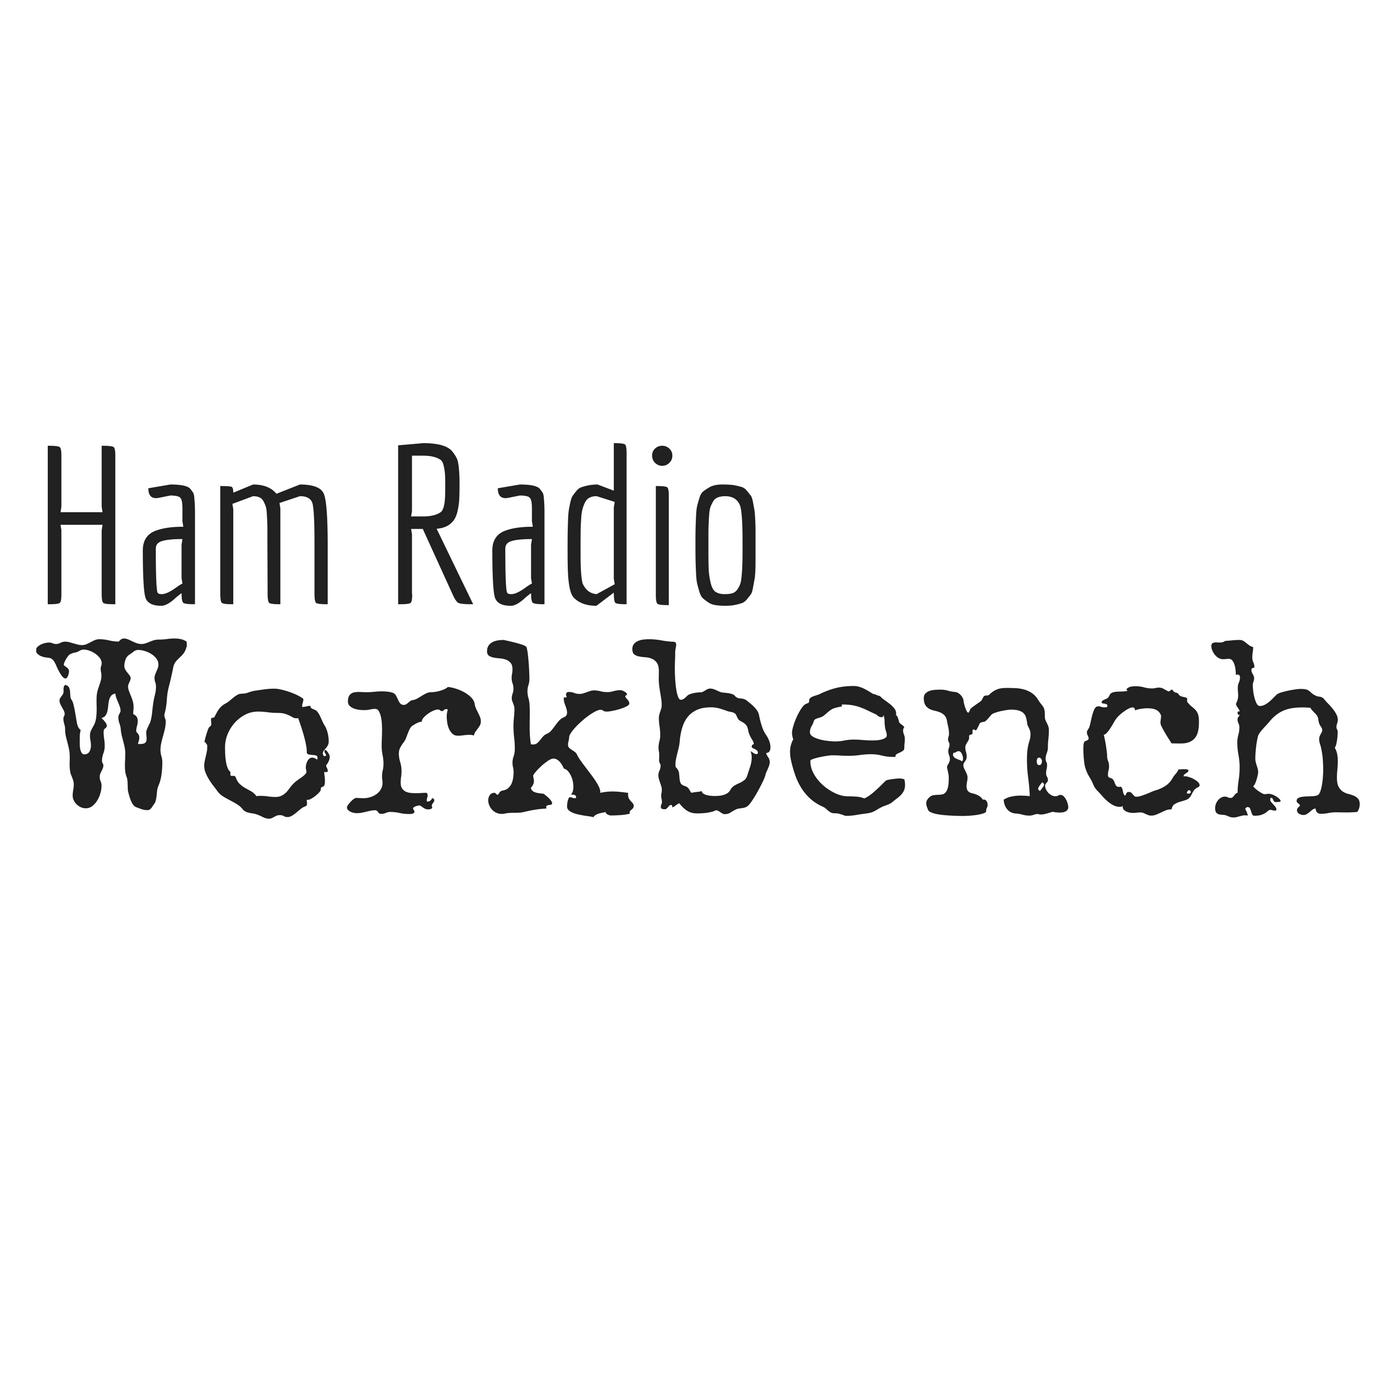 Tech in Technician Part 2